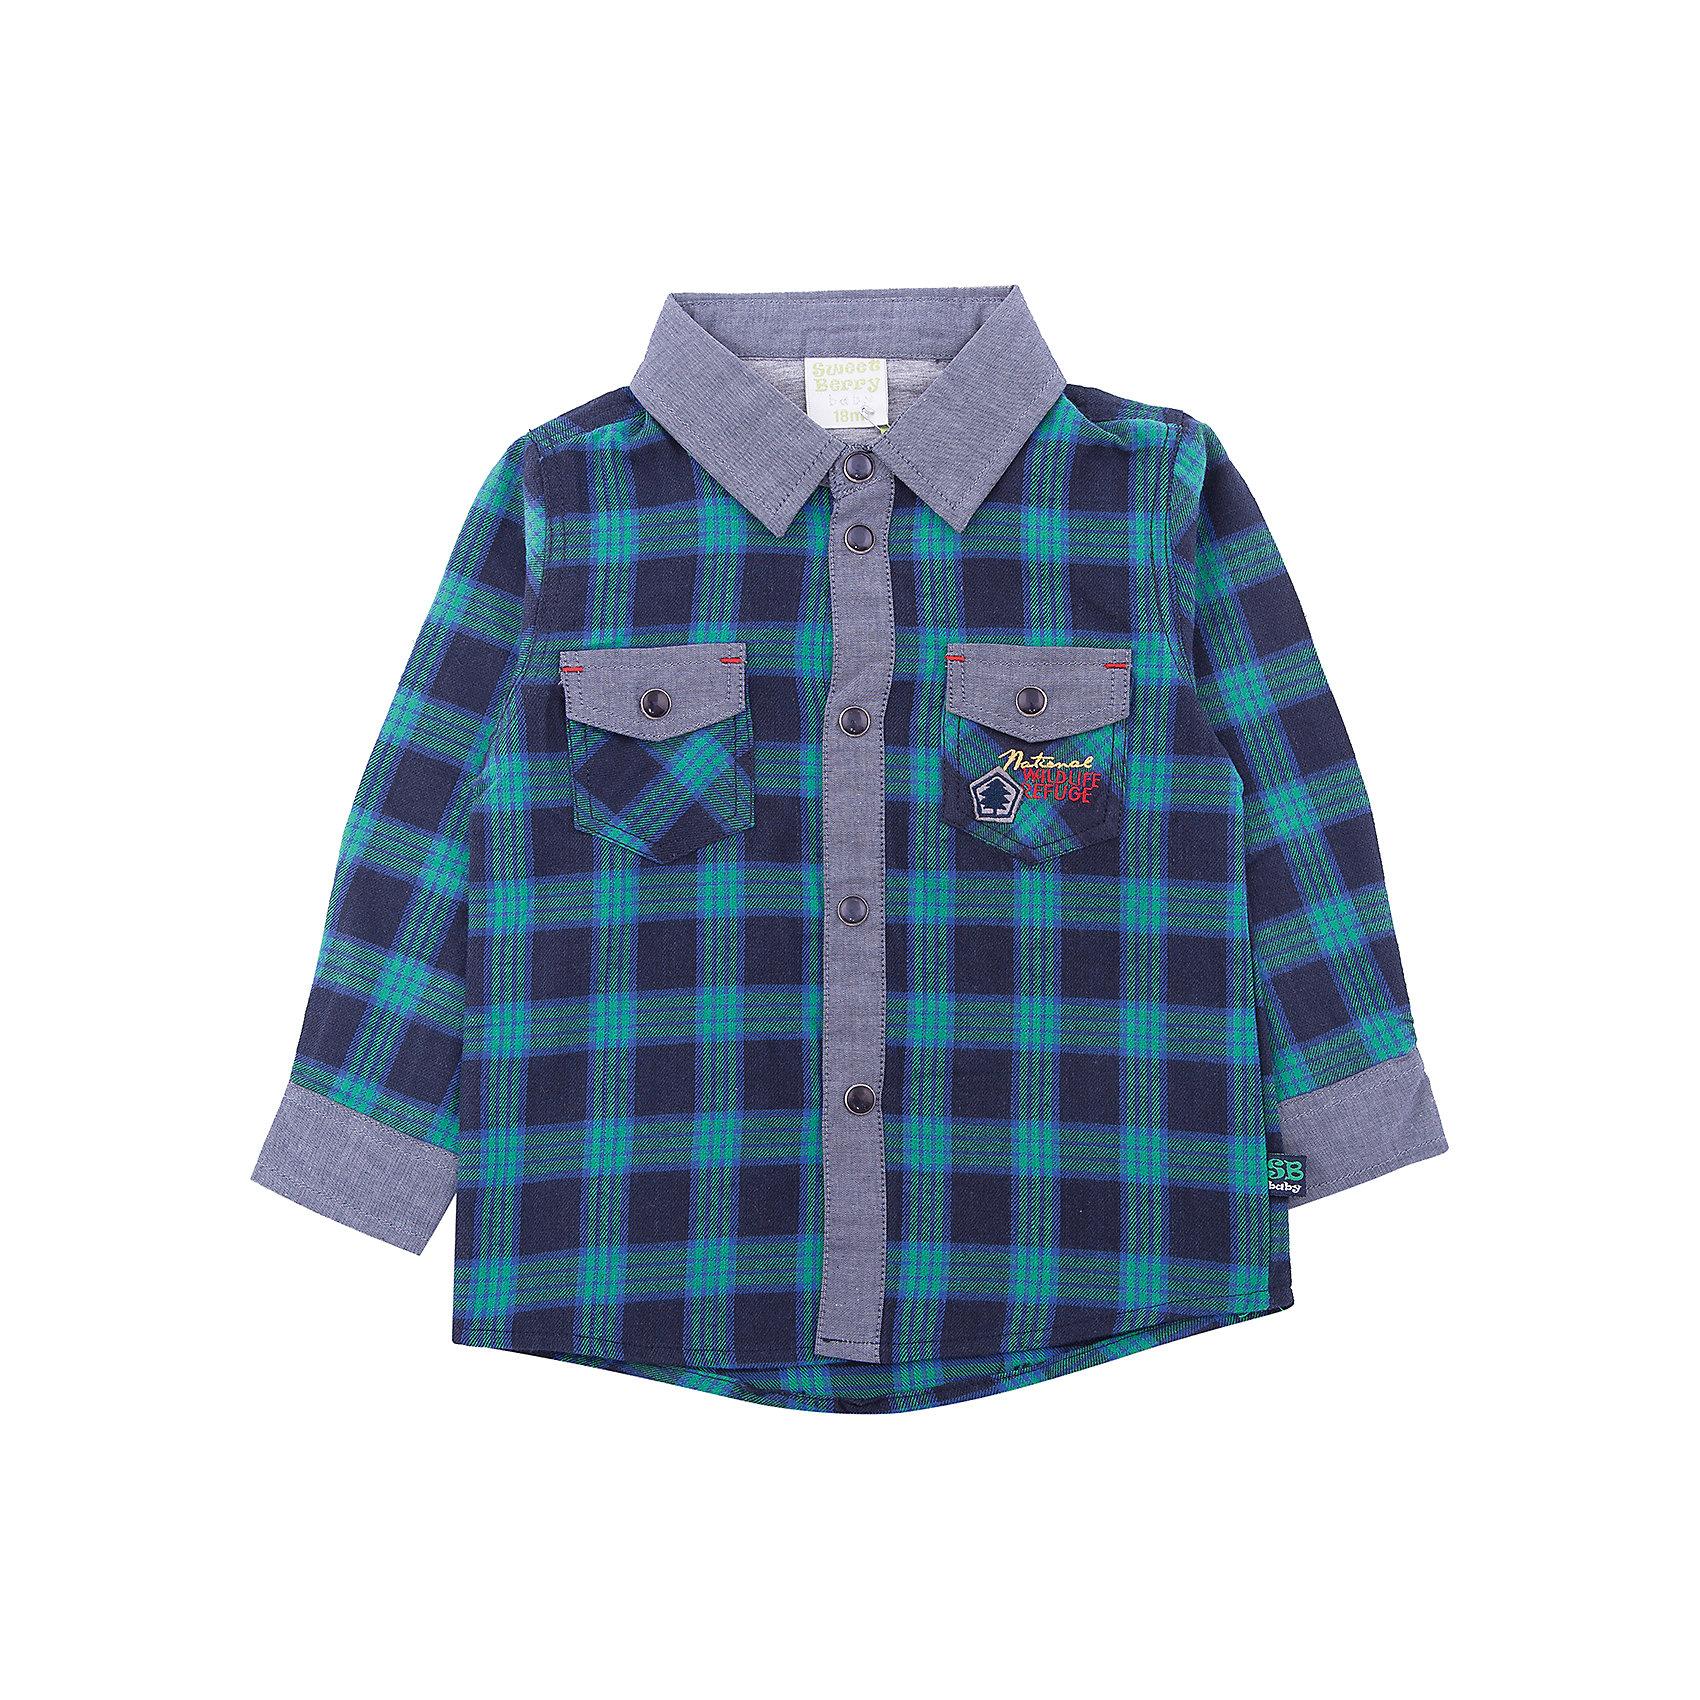 Рубашка Sweet Berry для мальчикаБлузки и рубашки<br>Рубашка Sweet Berry для мальчика<br>Стильная хлопковая рубашка из байковой ткани в клетку с двумя накладными карманами. Длинный рукав. Воротничок, манжеты рукавов и застежка декорированы контрастной тканью. Застегивается на кнопки. Отложной воротничок.<br>Состав:<br>100% хлопок<br><br>Ширина мм: 174<br>Глубина мм: 10<br>Высота мм: 169<br>Вес г: 157<br>Цвет: зеленый<br>Возраст от месяцев: 24<br>Возраст до месяцев: 36<br>Пол: Мужской<br>Возраст: Детский<br>Размер: 98,80,86,92<br>SKU: 7095374